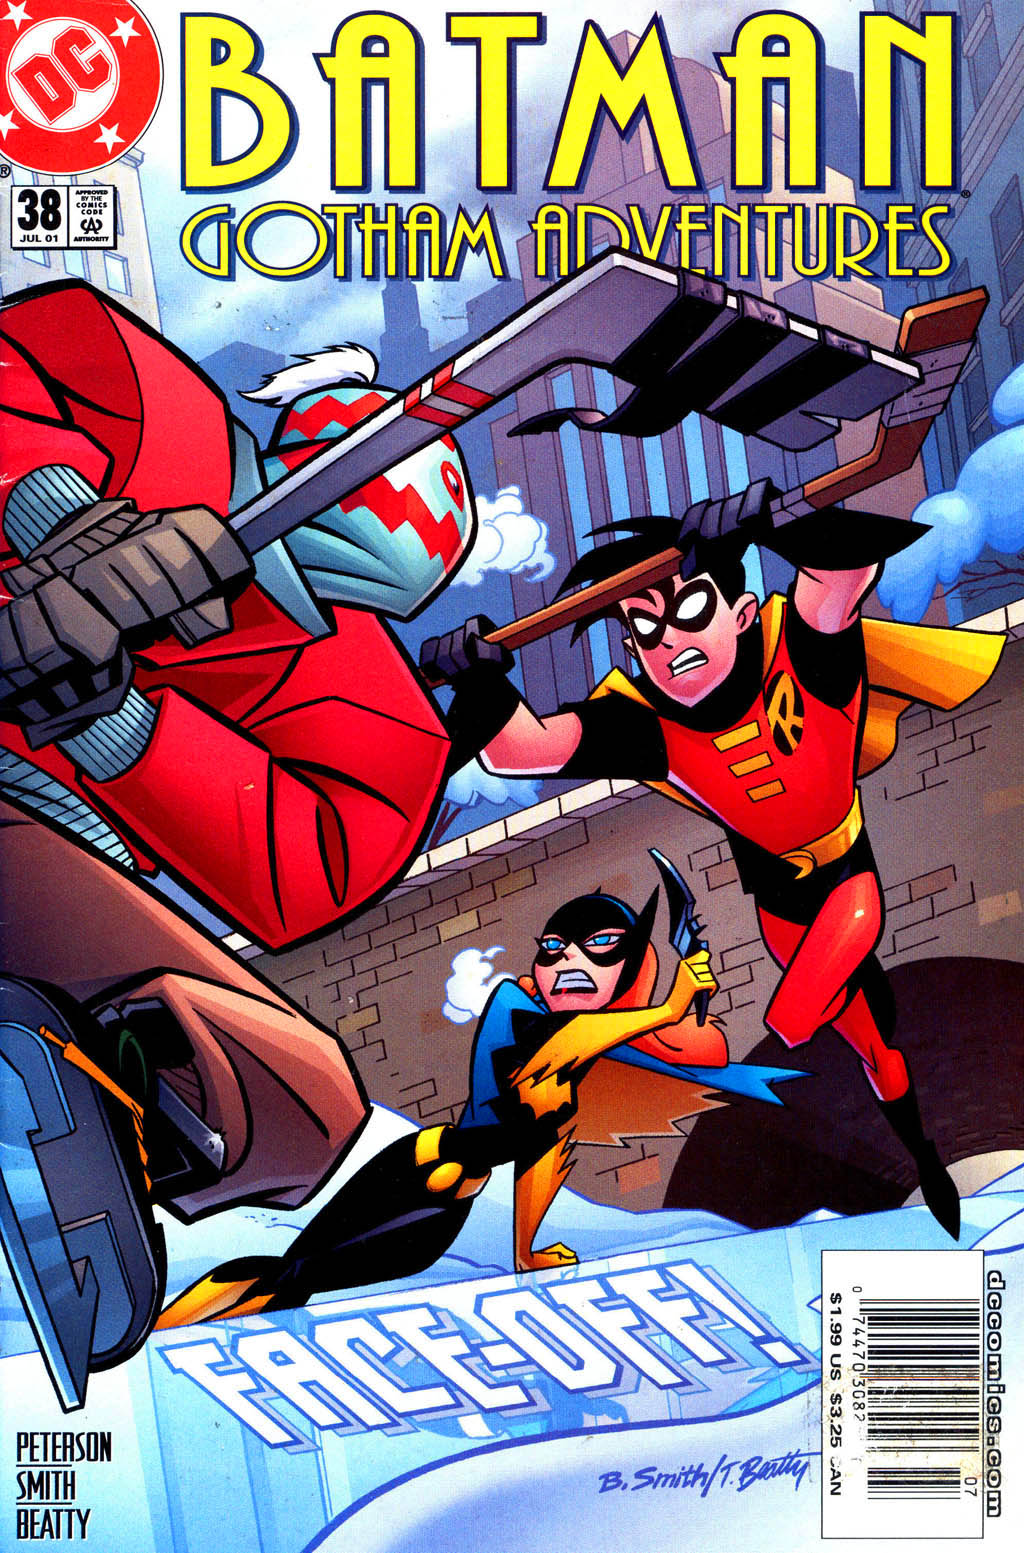 Batman: Gotham Adventures issue 38 - Page 1